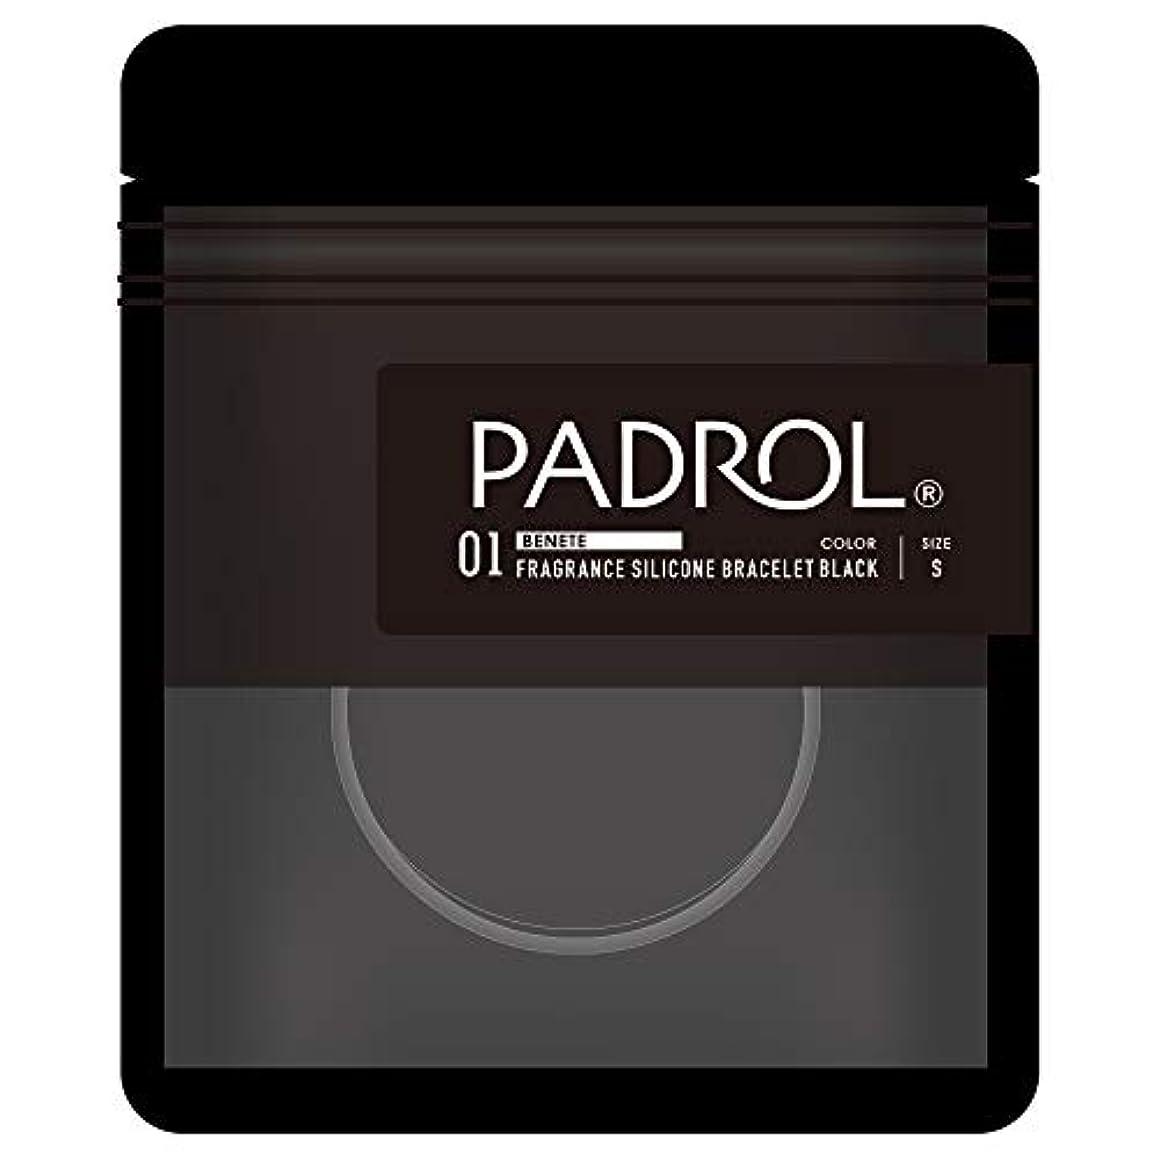 良さ警察資本主義PADROL フレグランス ブレスレット ホワイトムスクの香り シリコン Sサイズ ブラック PAD-13-03